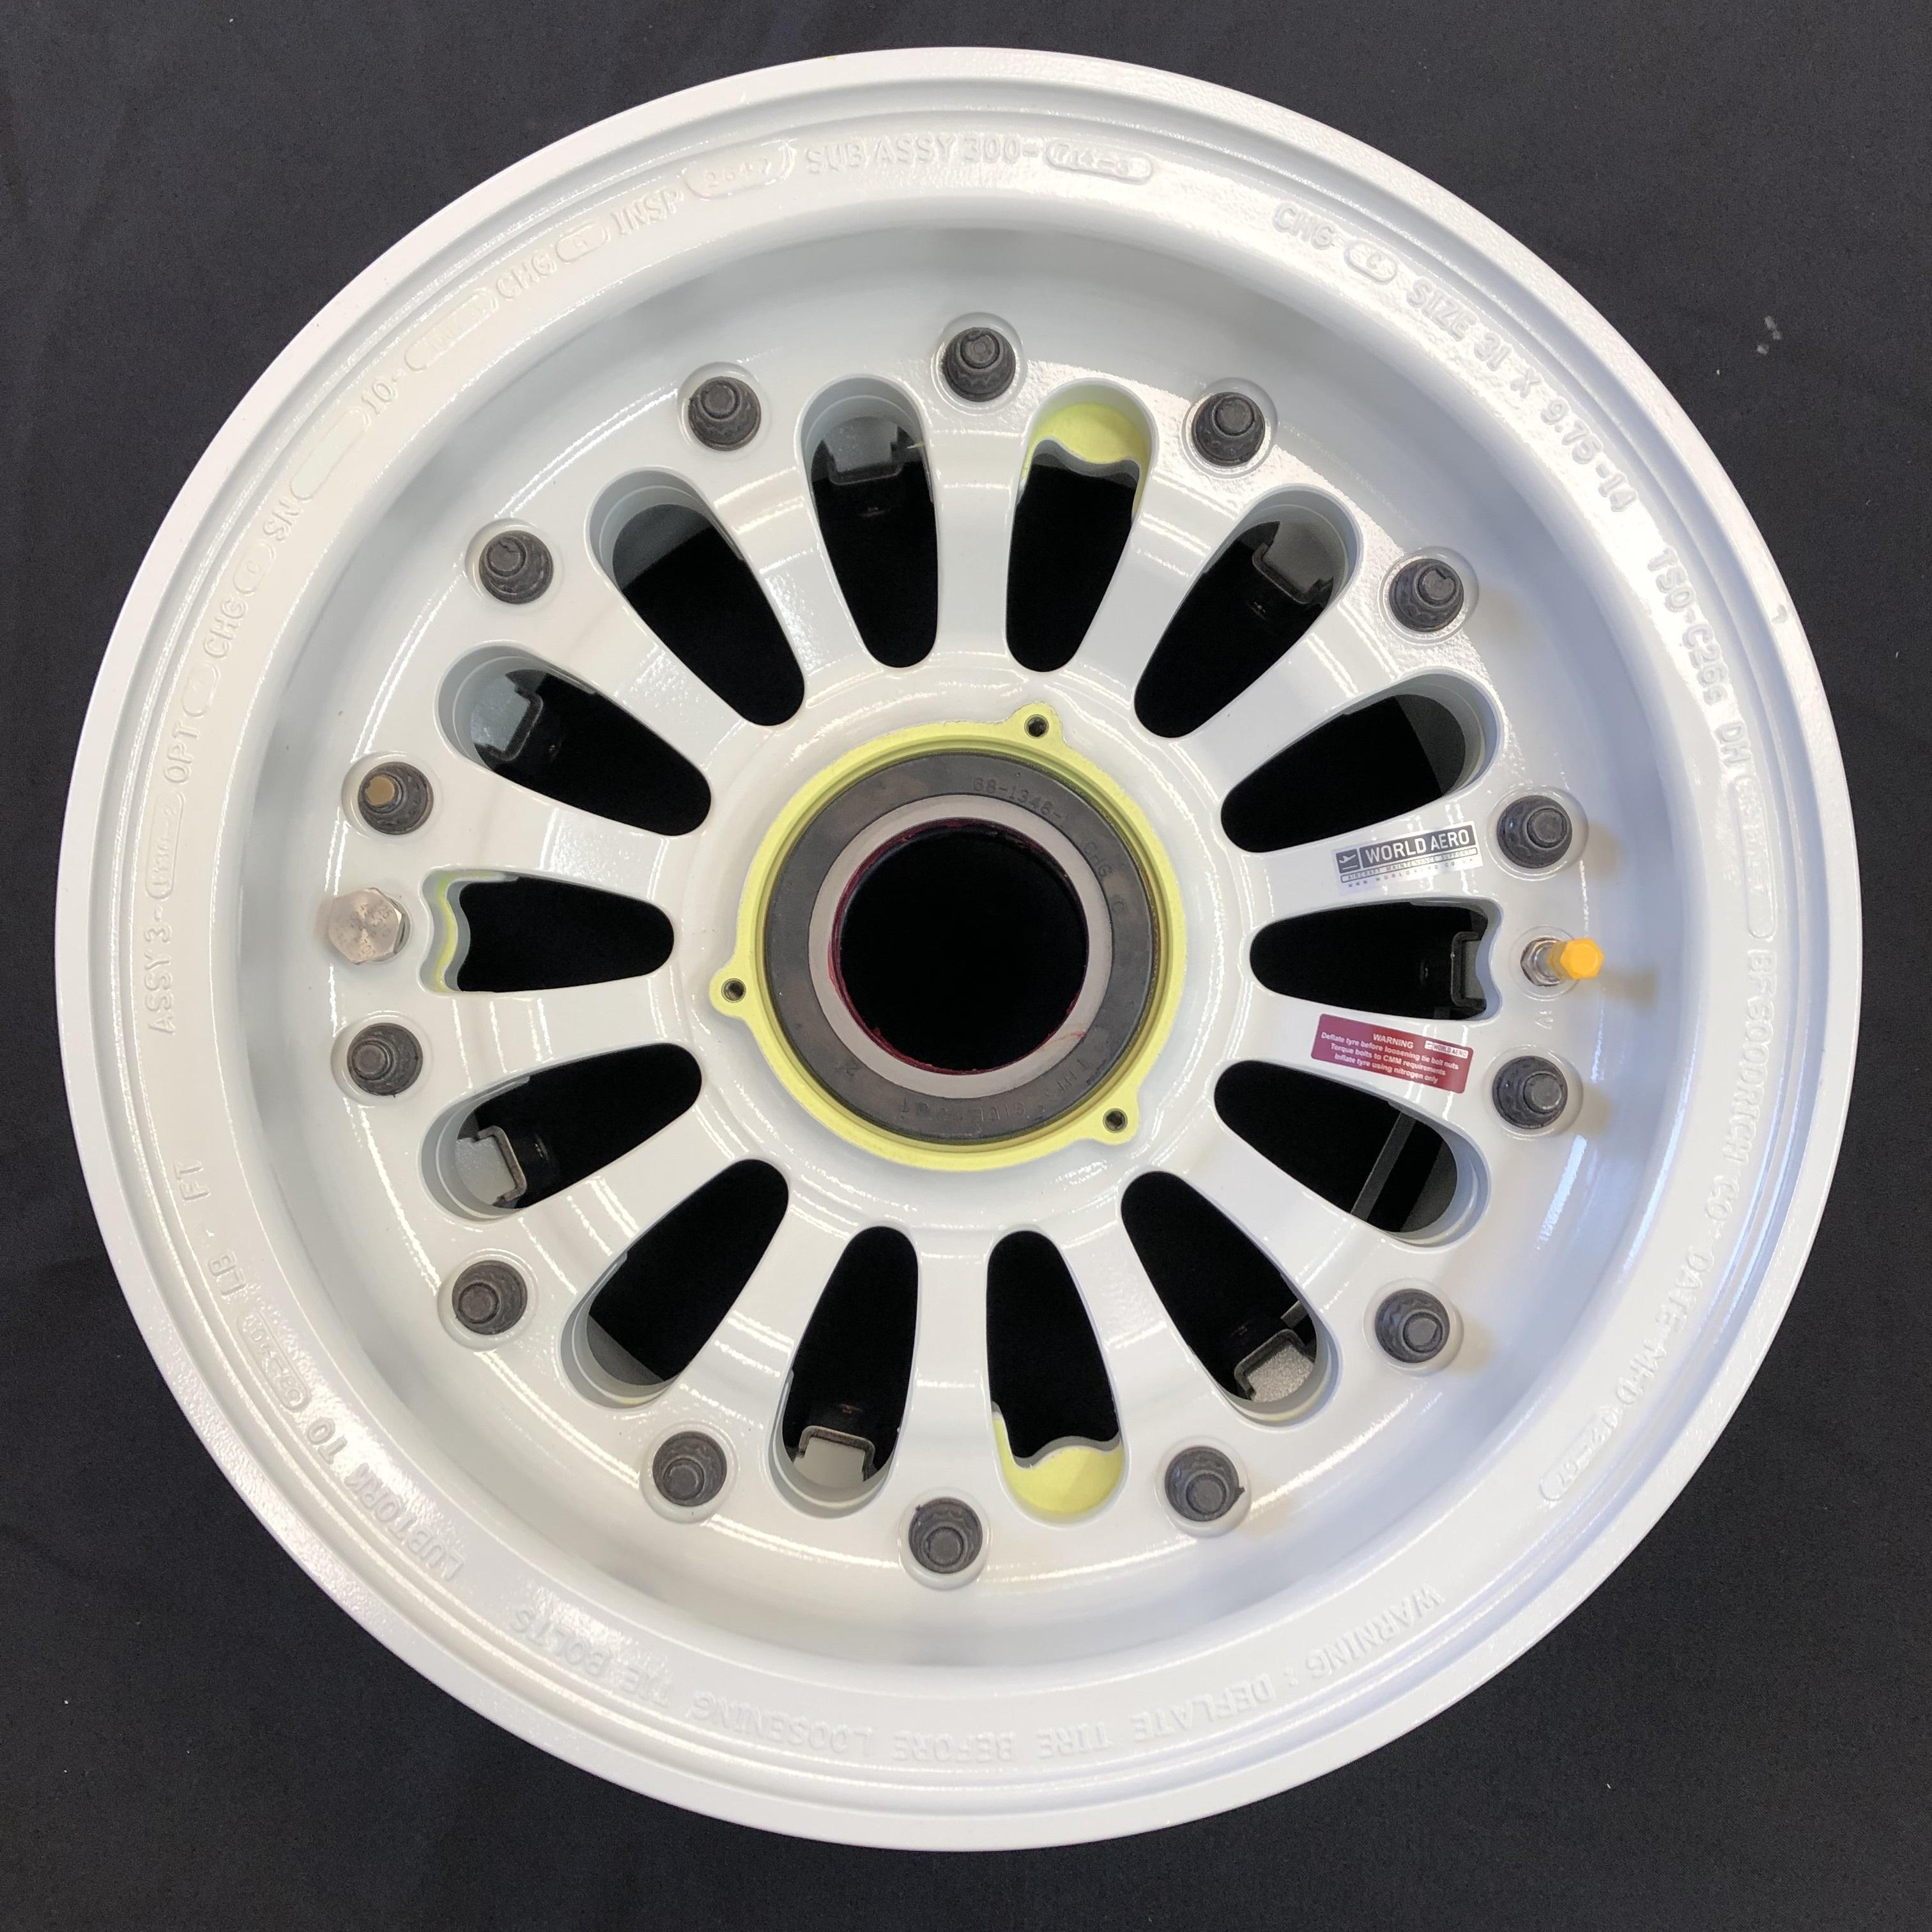 3-1480-1 Dash 8-300 main wheel